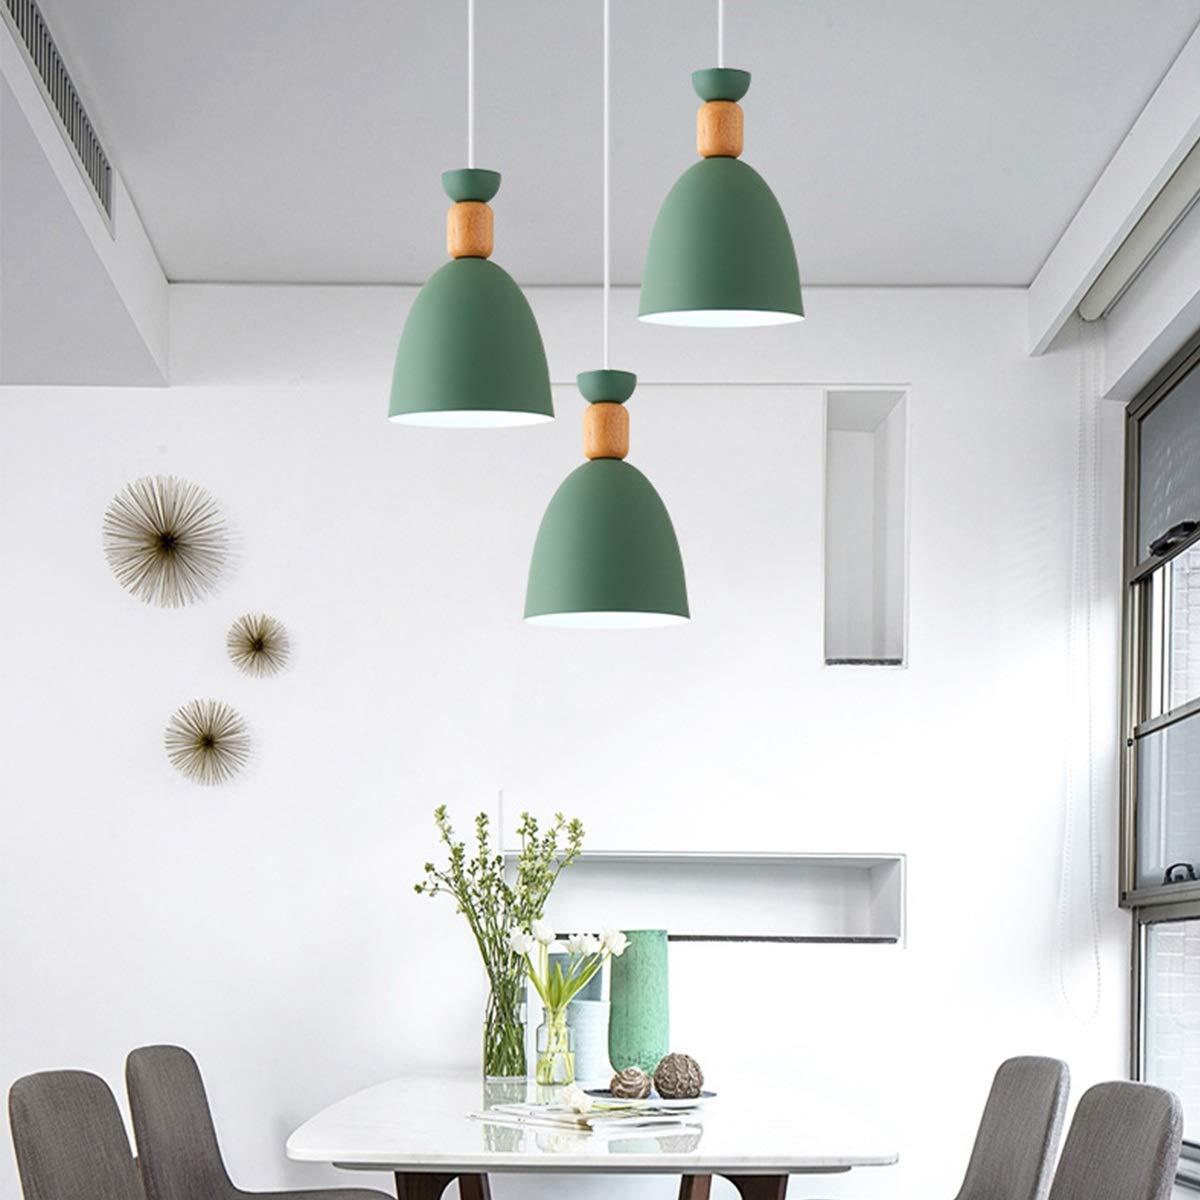 Einfaches Esszimmer-Ausgangs-Speisetisch-Schlafzimmer-Nachttisch-kreativer Leuchter Durable (Größe     Grün) B07PZ1PK53 | Viele Sorten  01d024